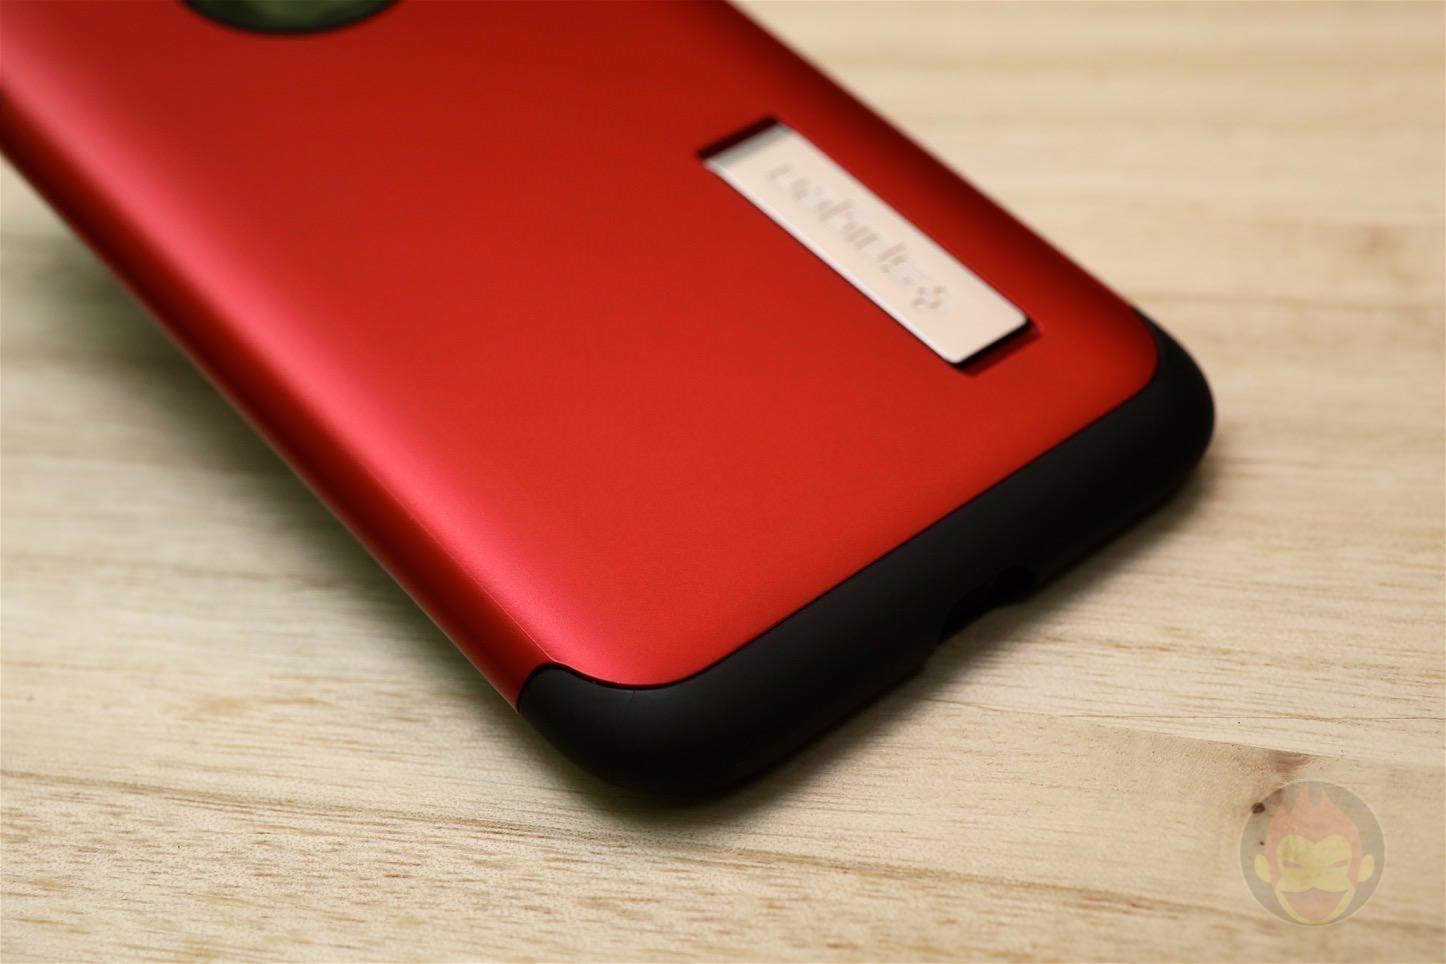 Spigen-Slim-Armour-for-Red-Model-07.jpg